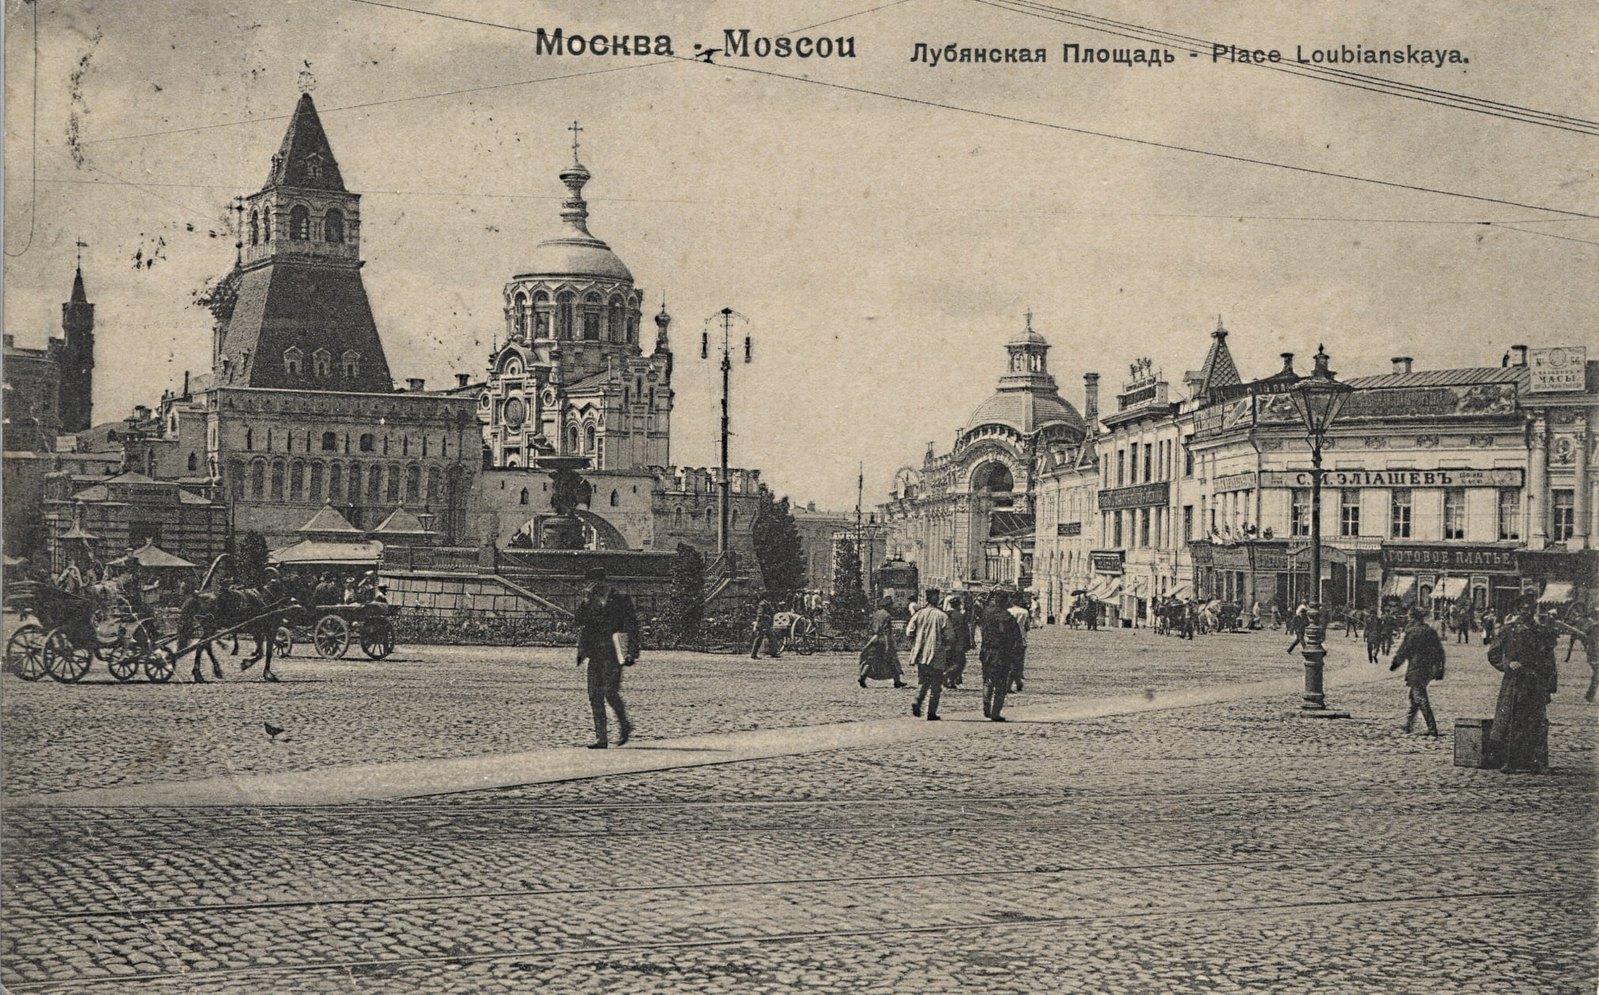 Лубянская площадь7